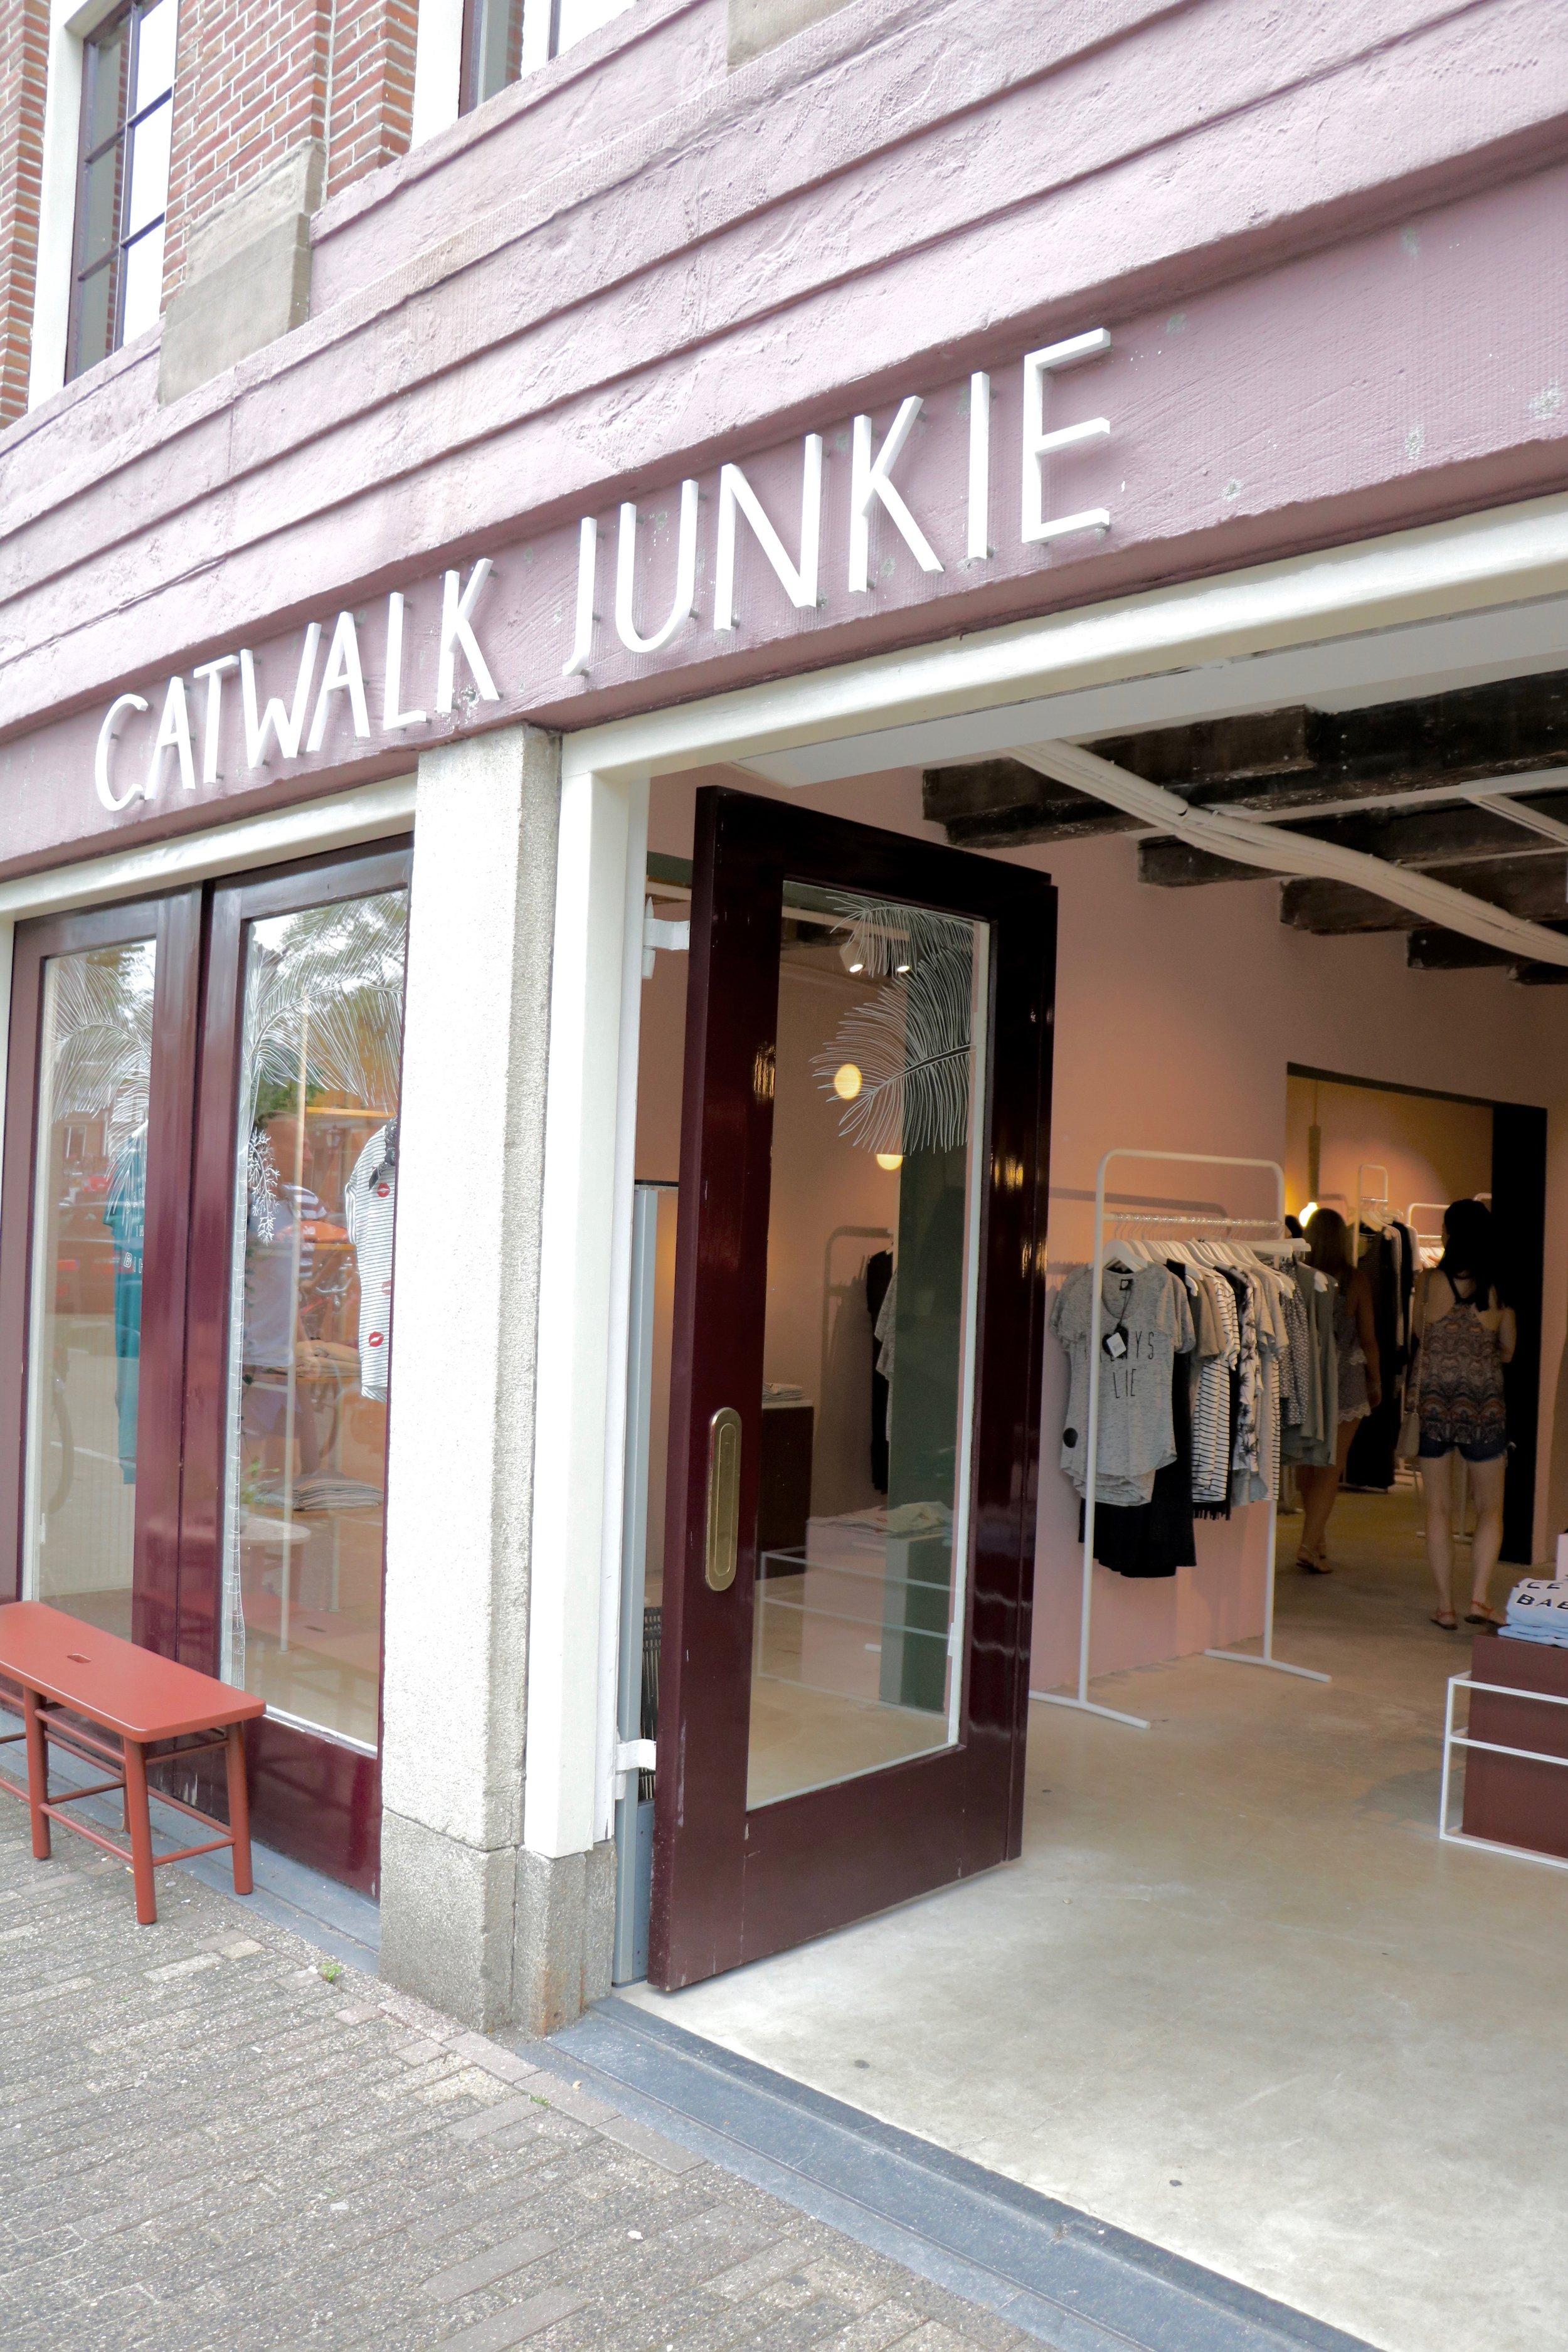 Catwalk_Junkie_amsterdam